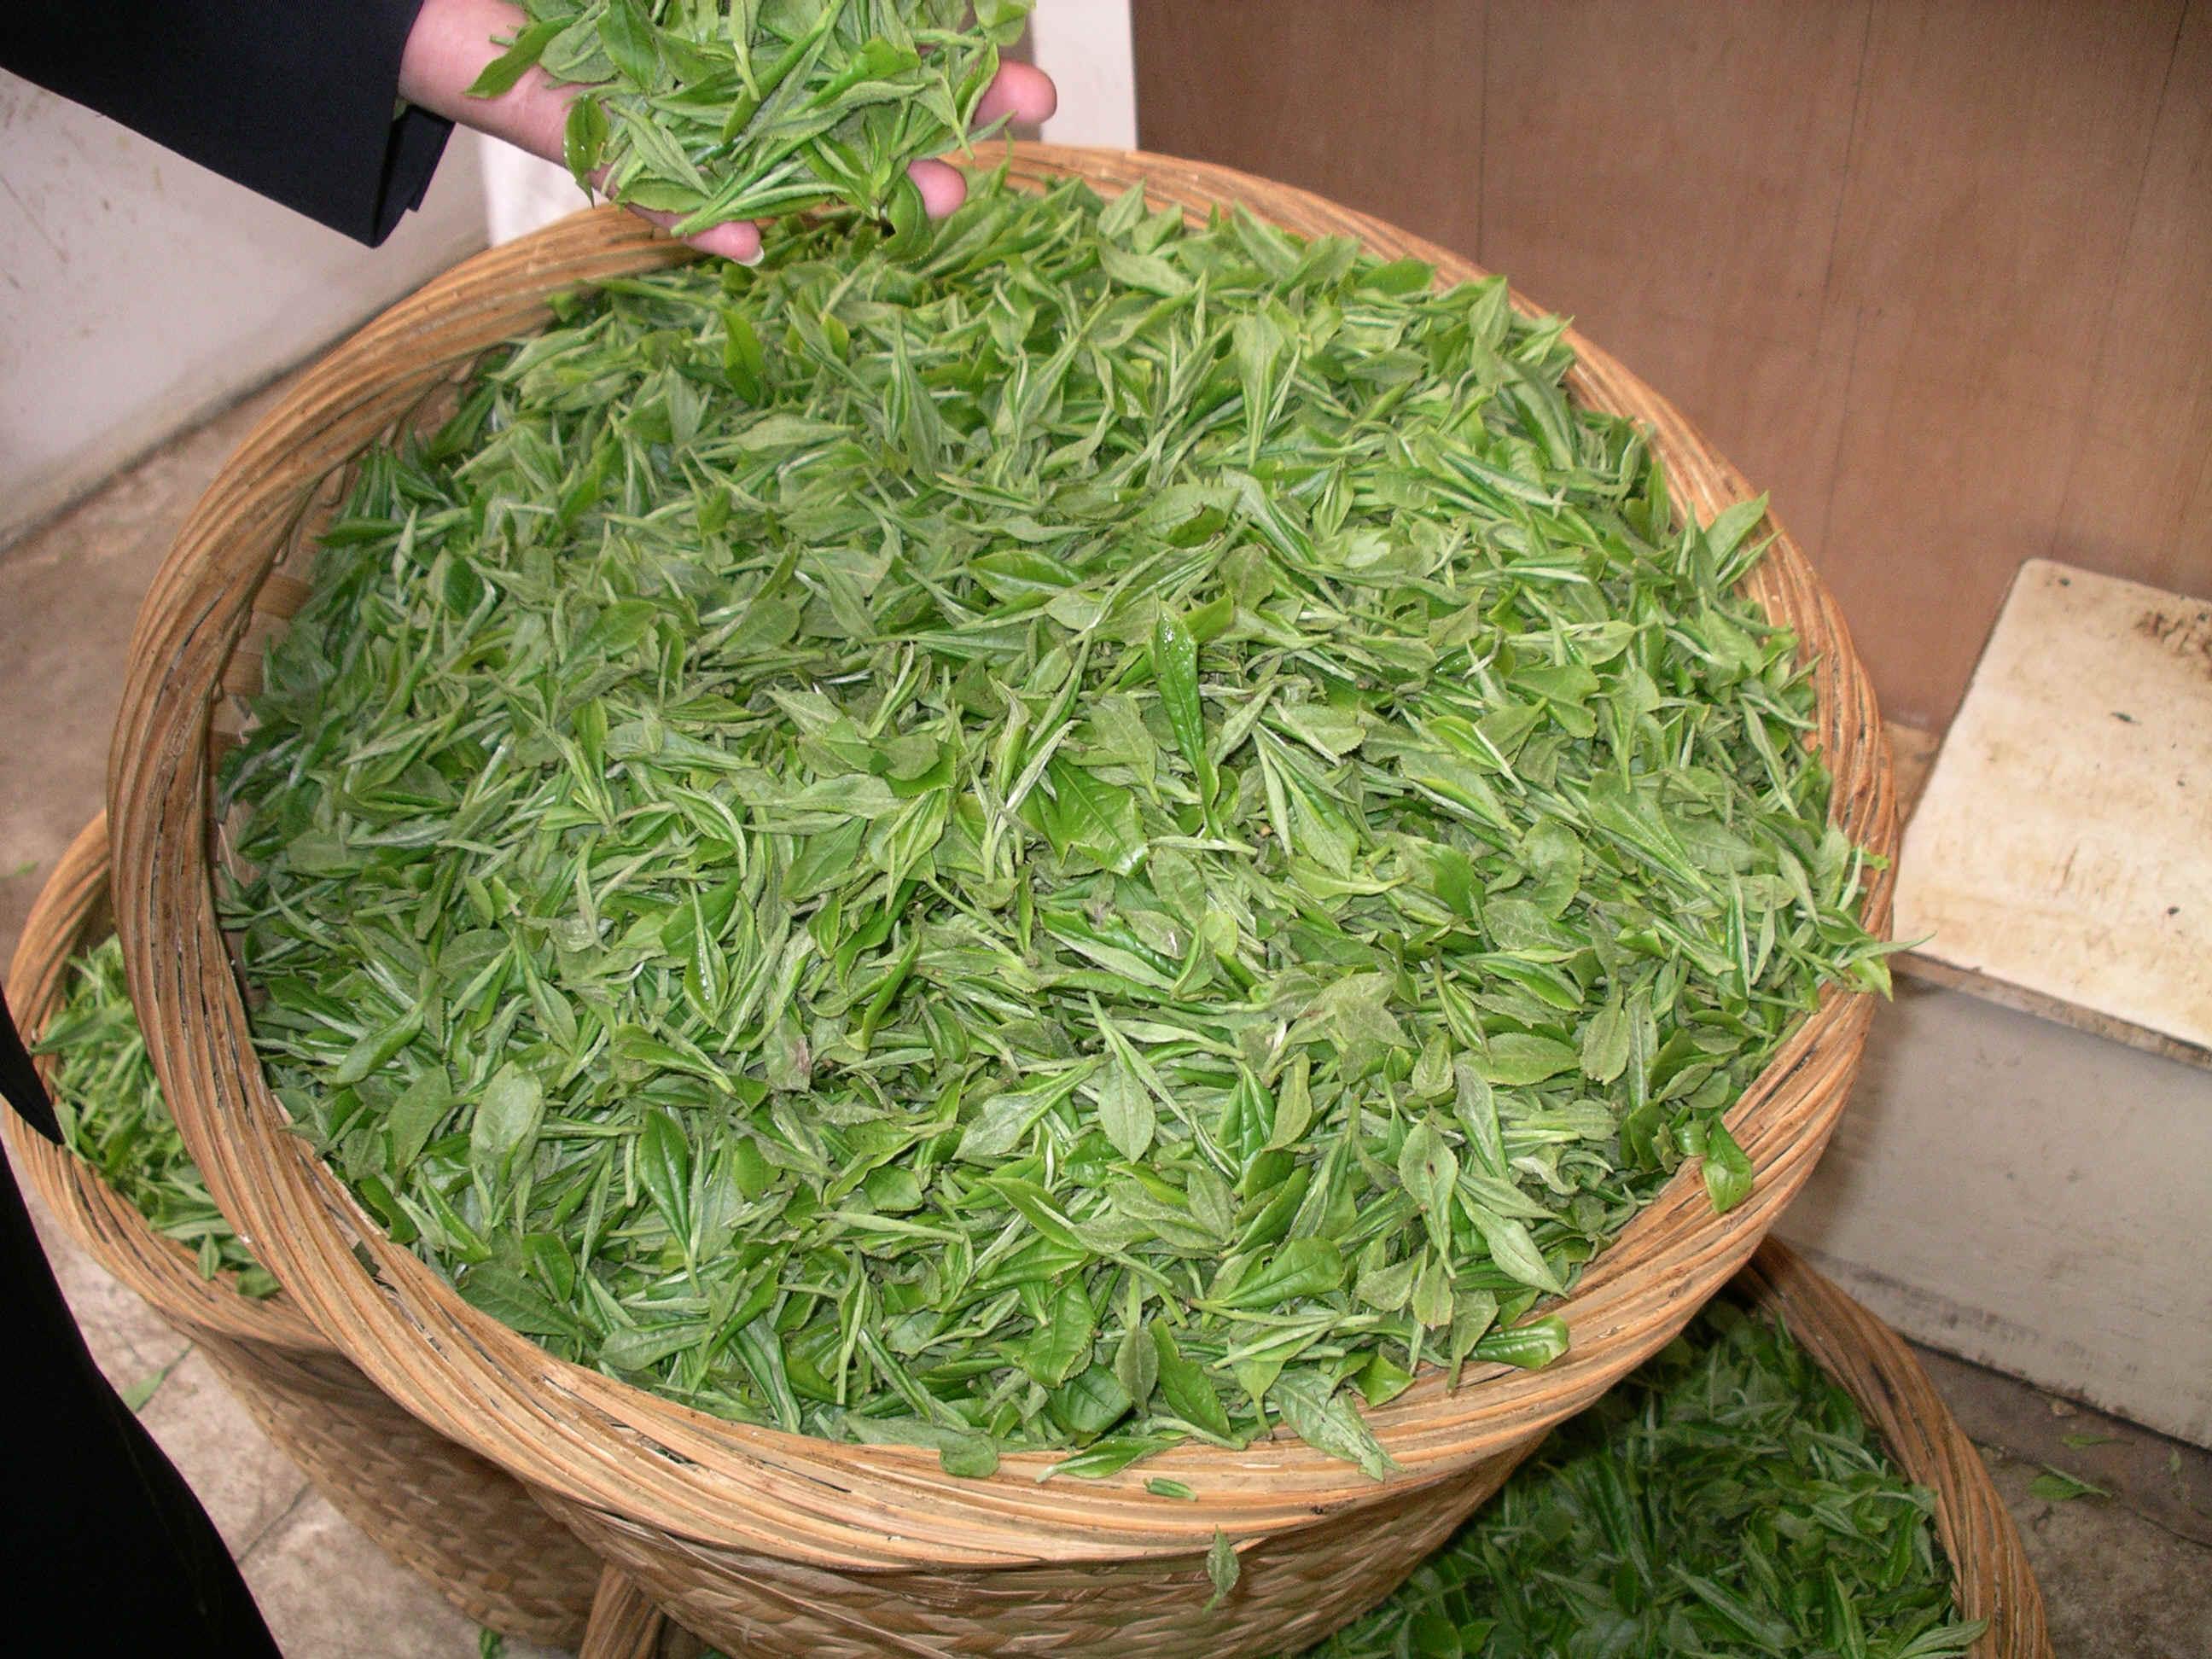 Tianhu greentea.JPG (3425549 bytes)